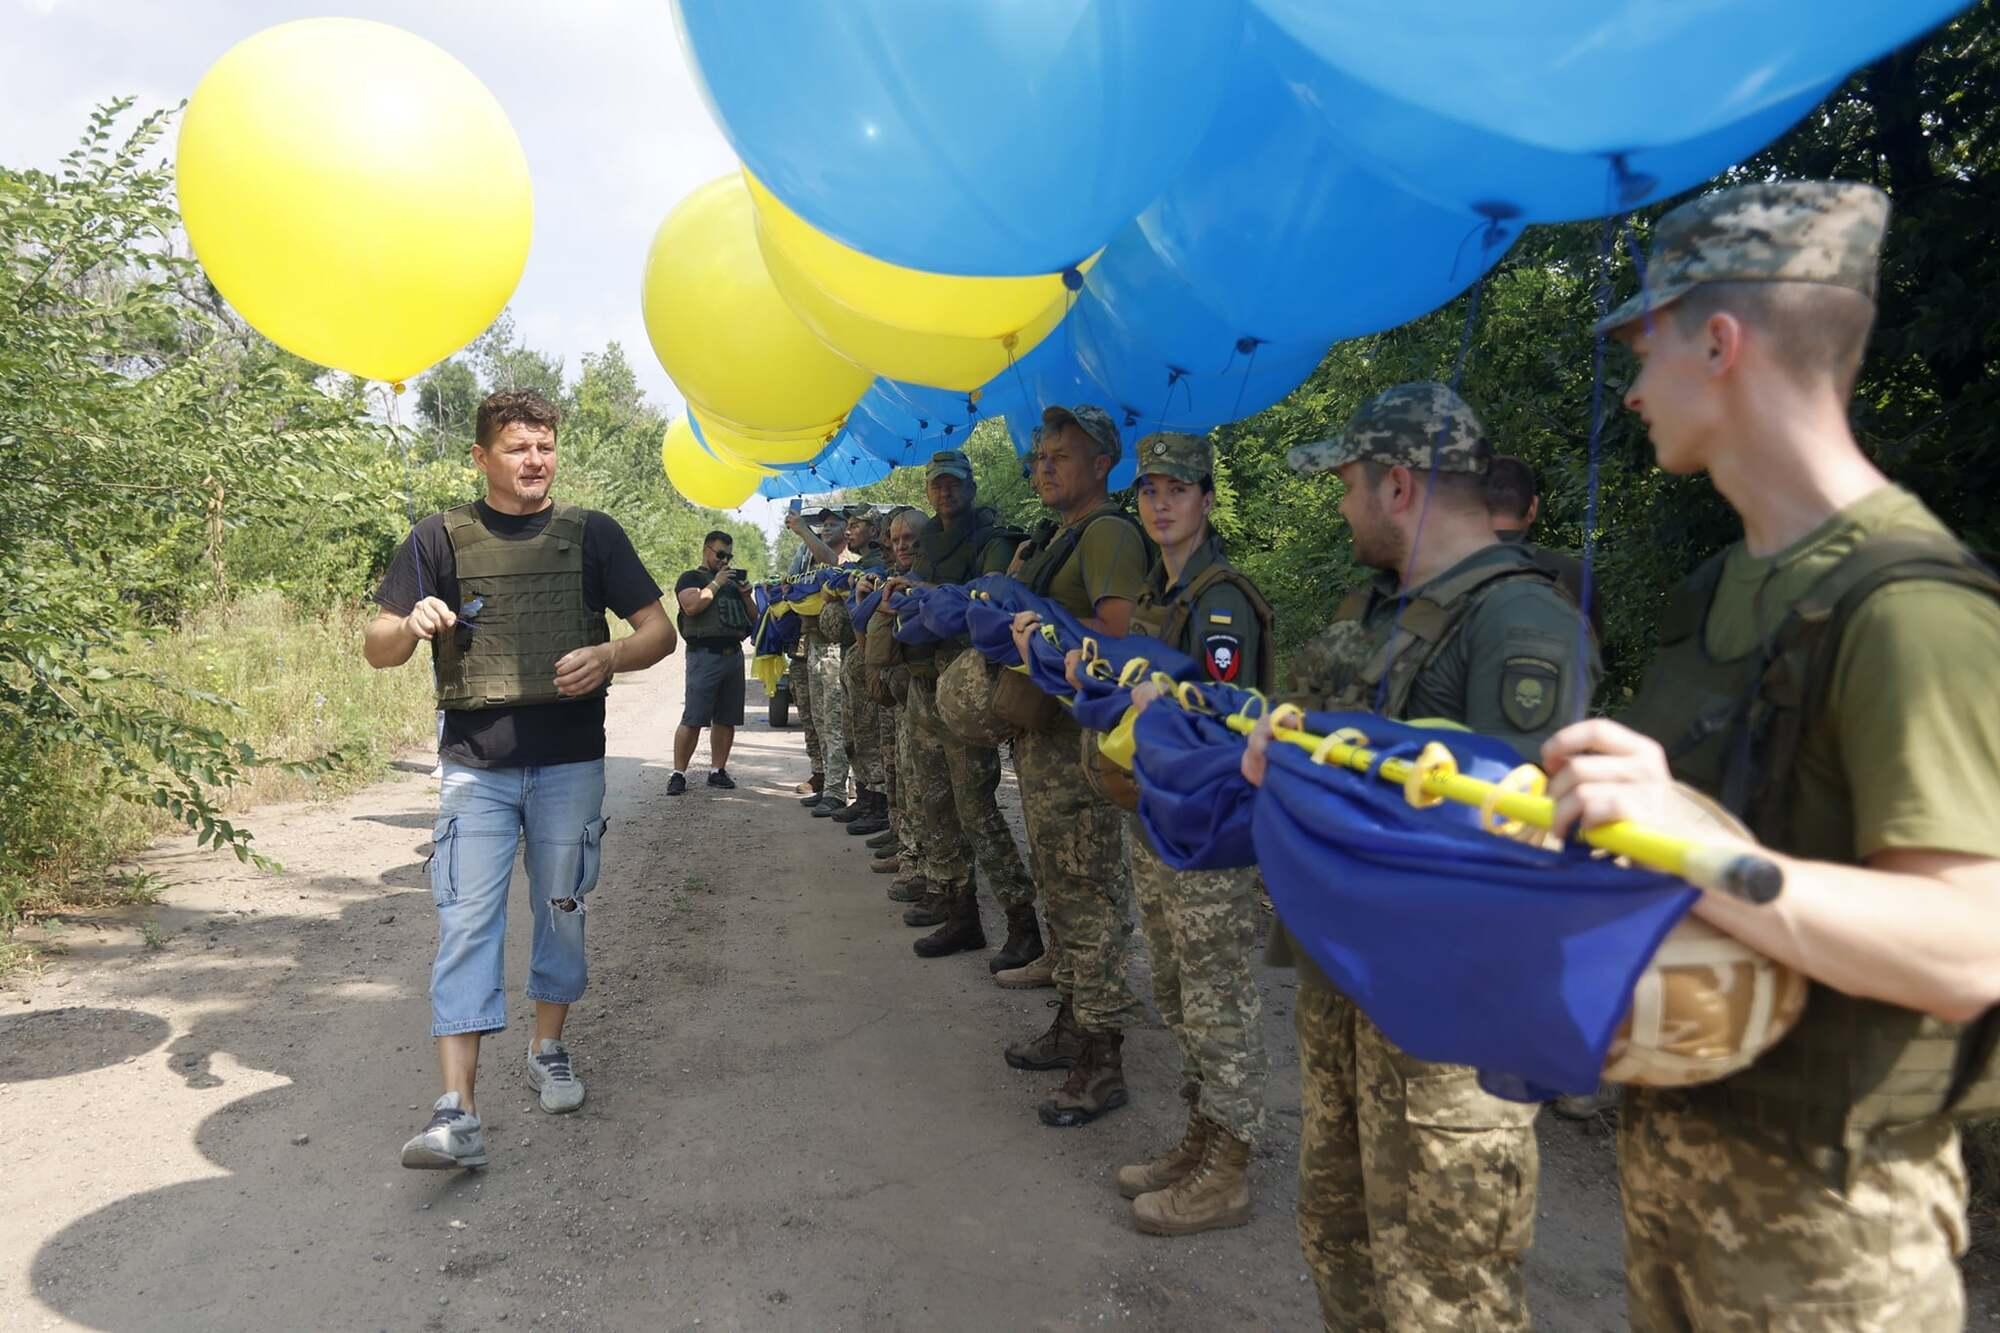 Несколькометровый флаг Украины развернули в Авдеевке